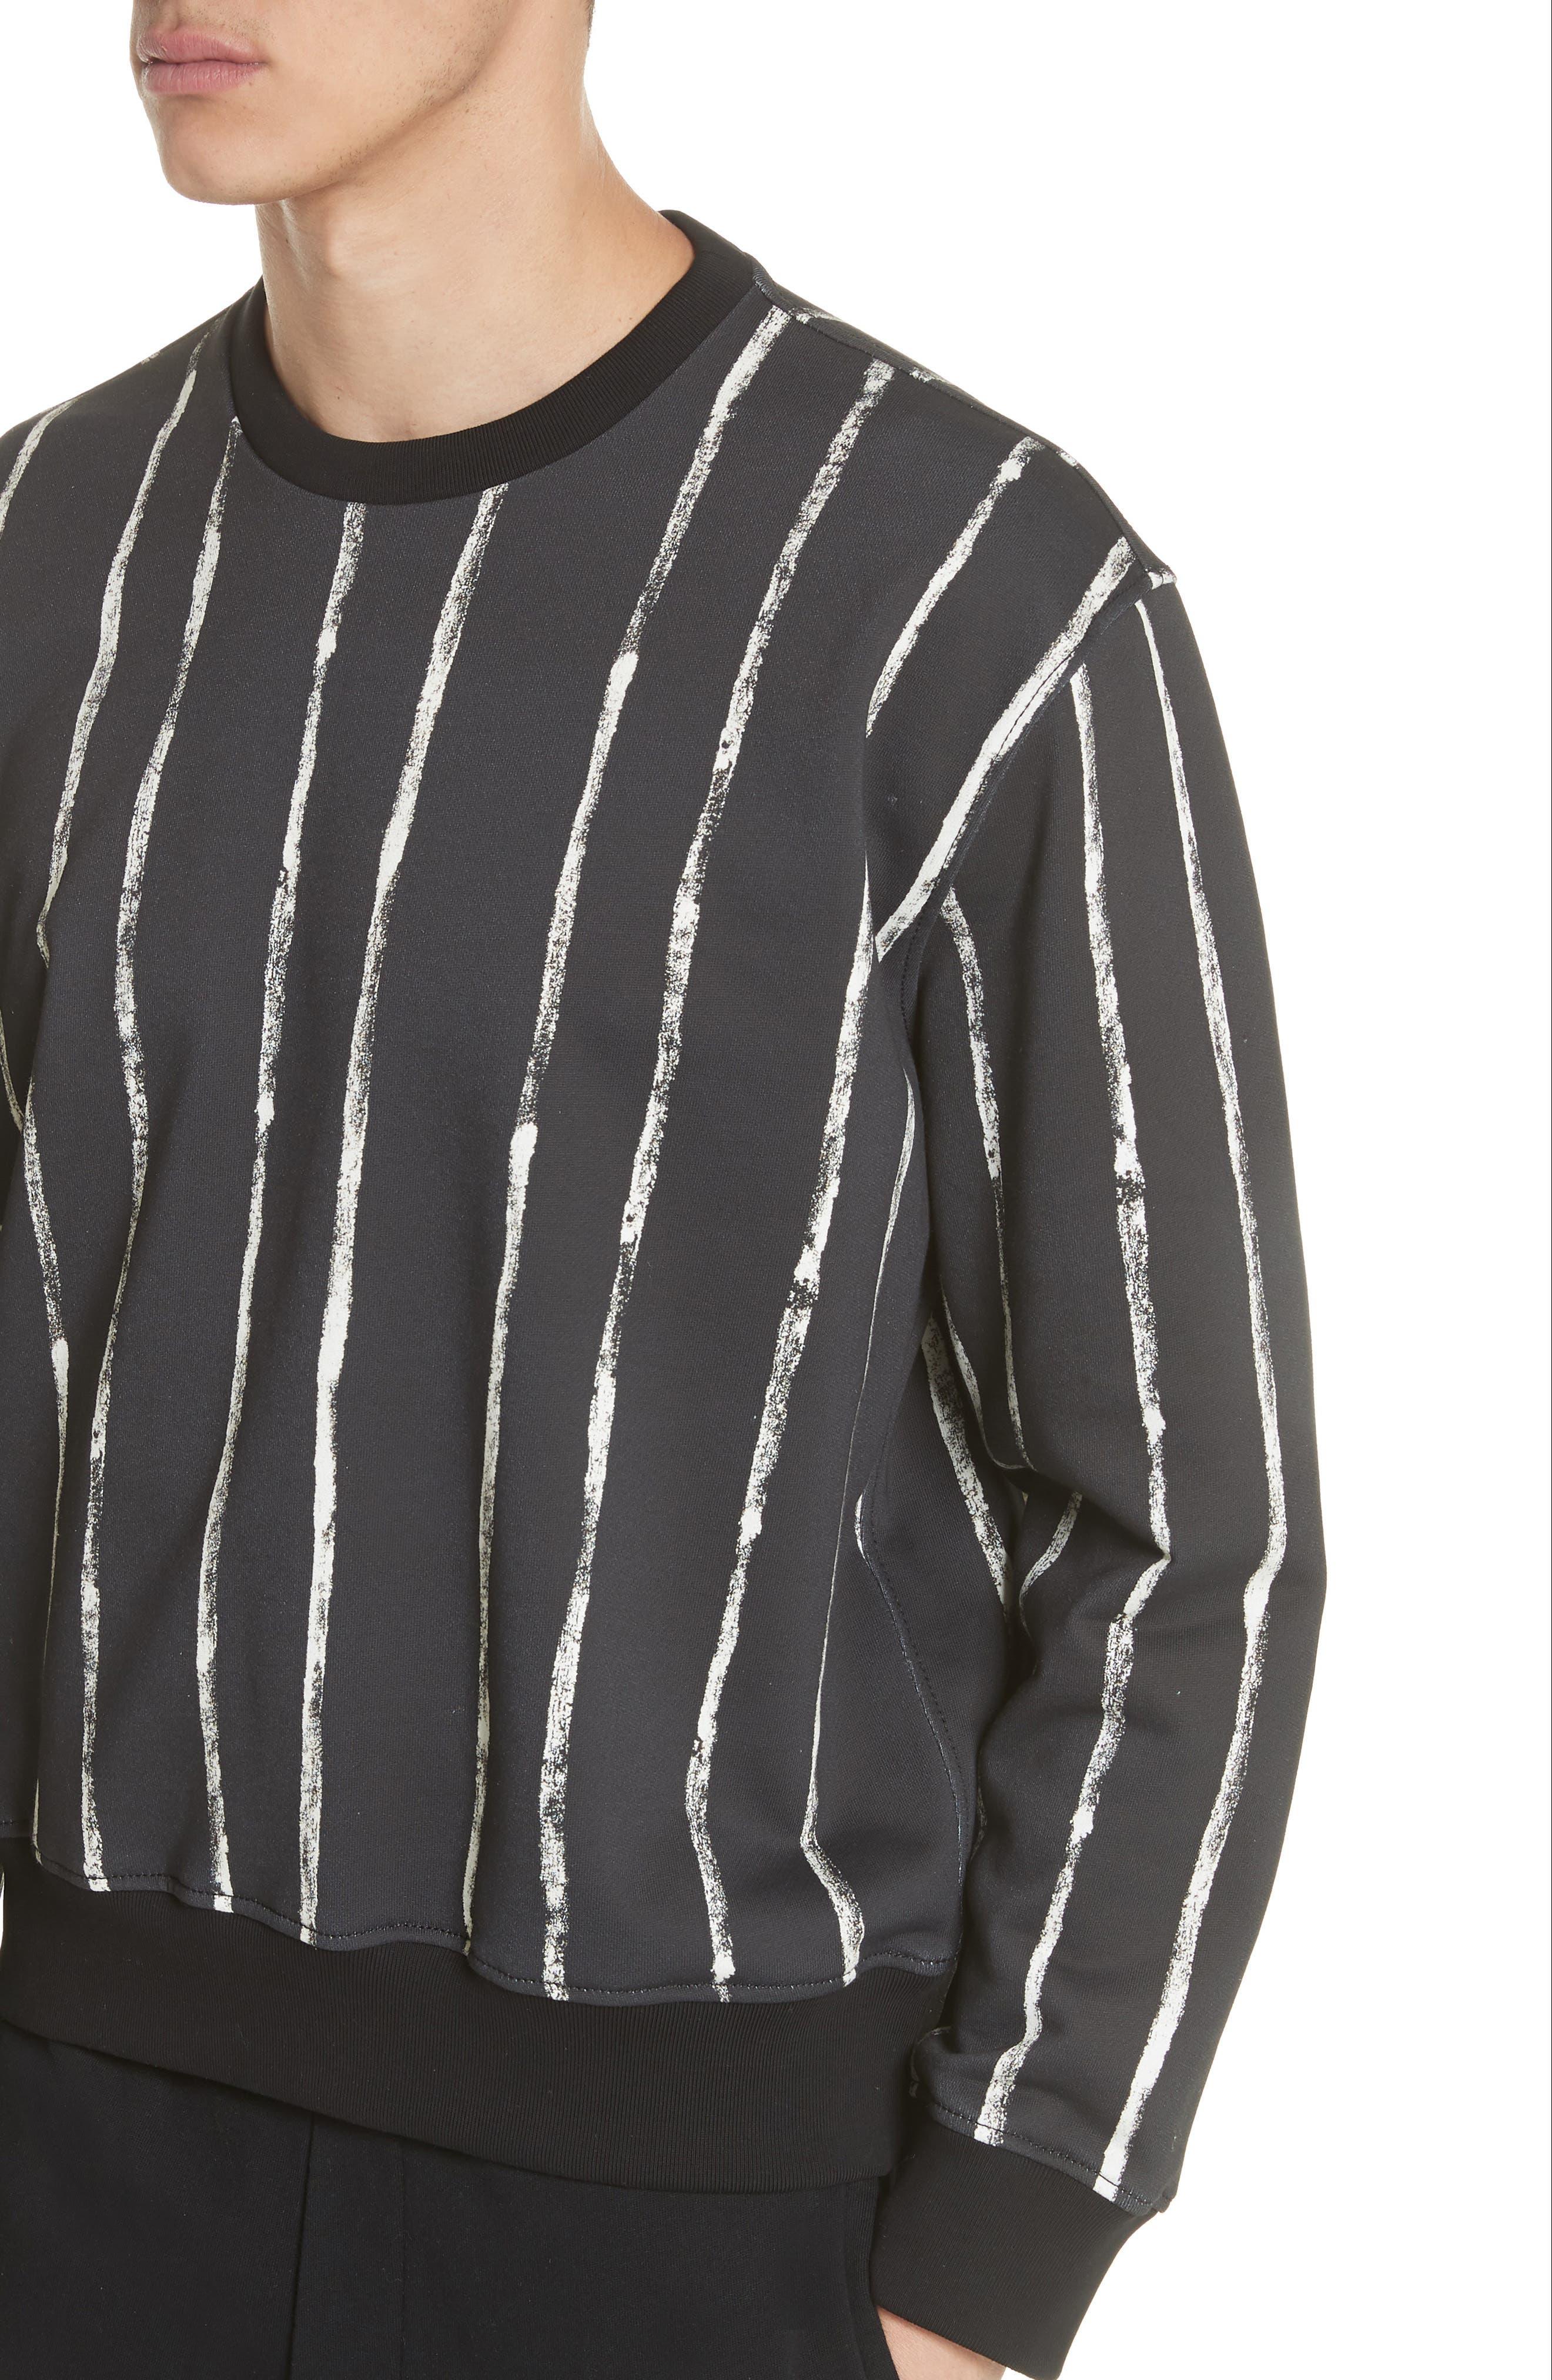 Paint Stripe Crewneck Sweatshirt,                             Alternate thumbnail 4, color,                             001